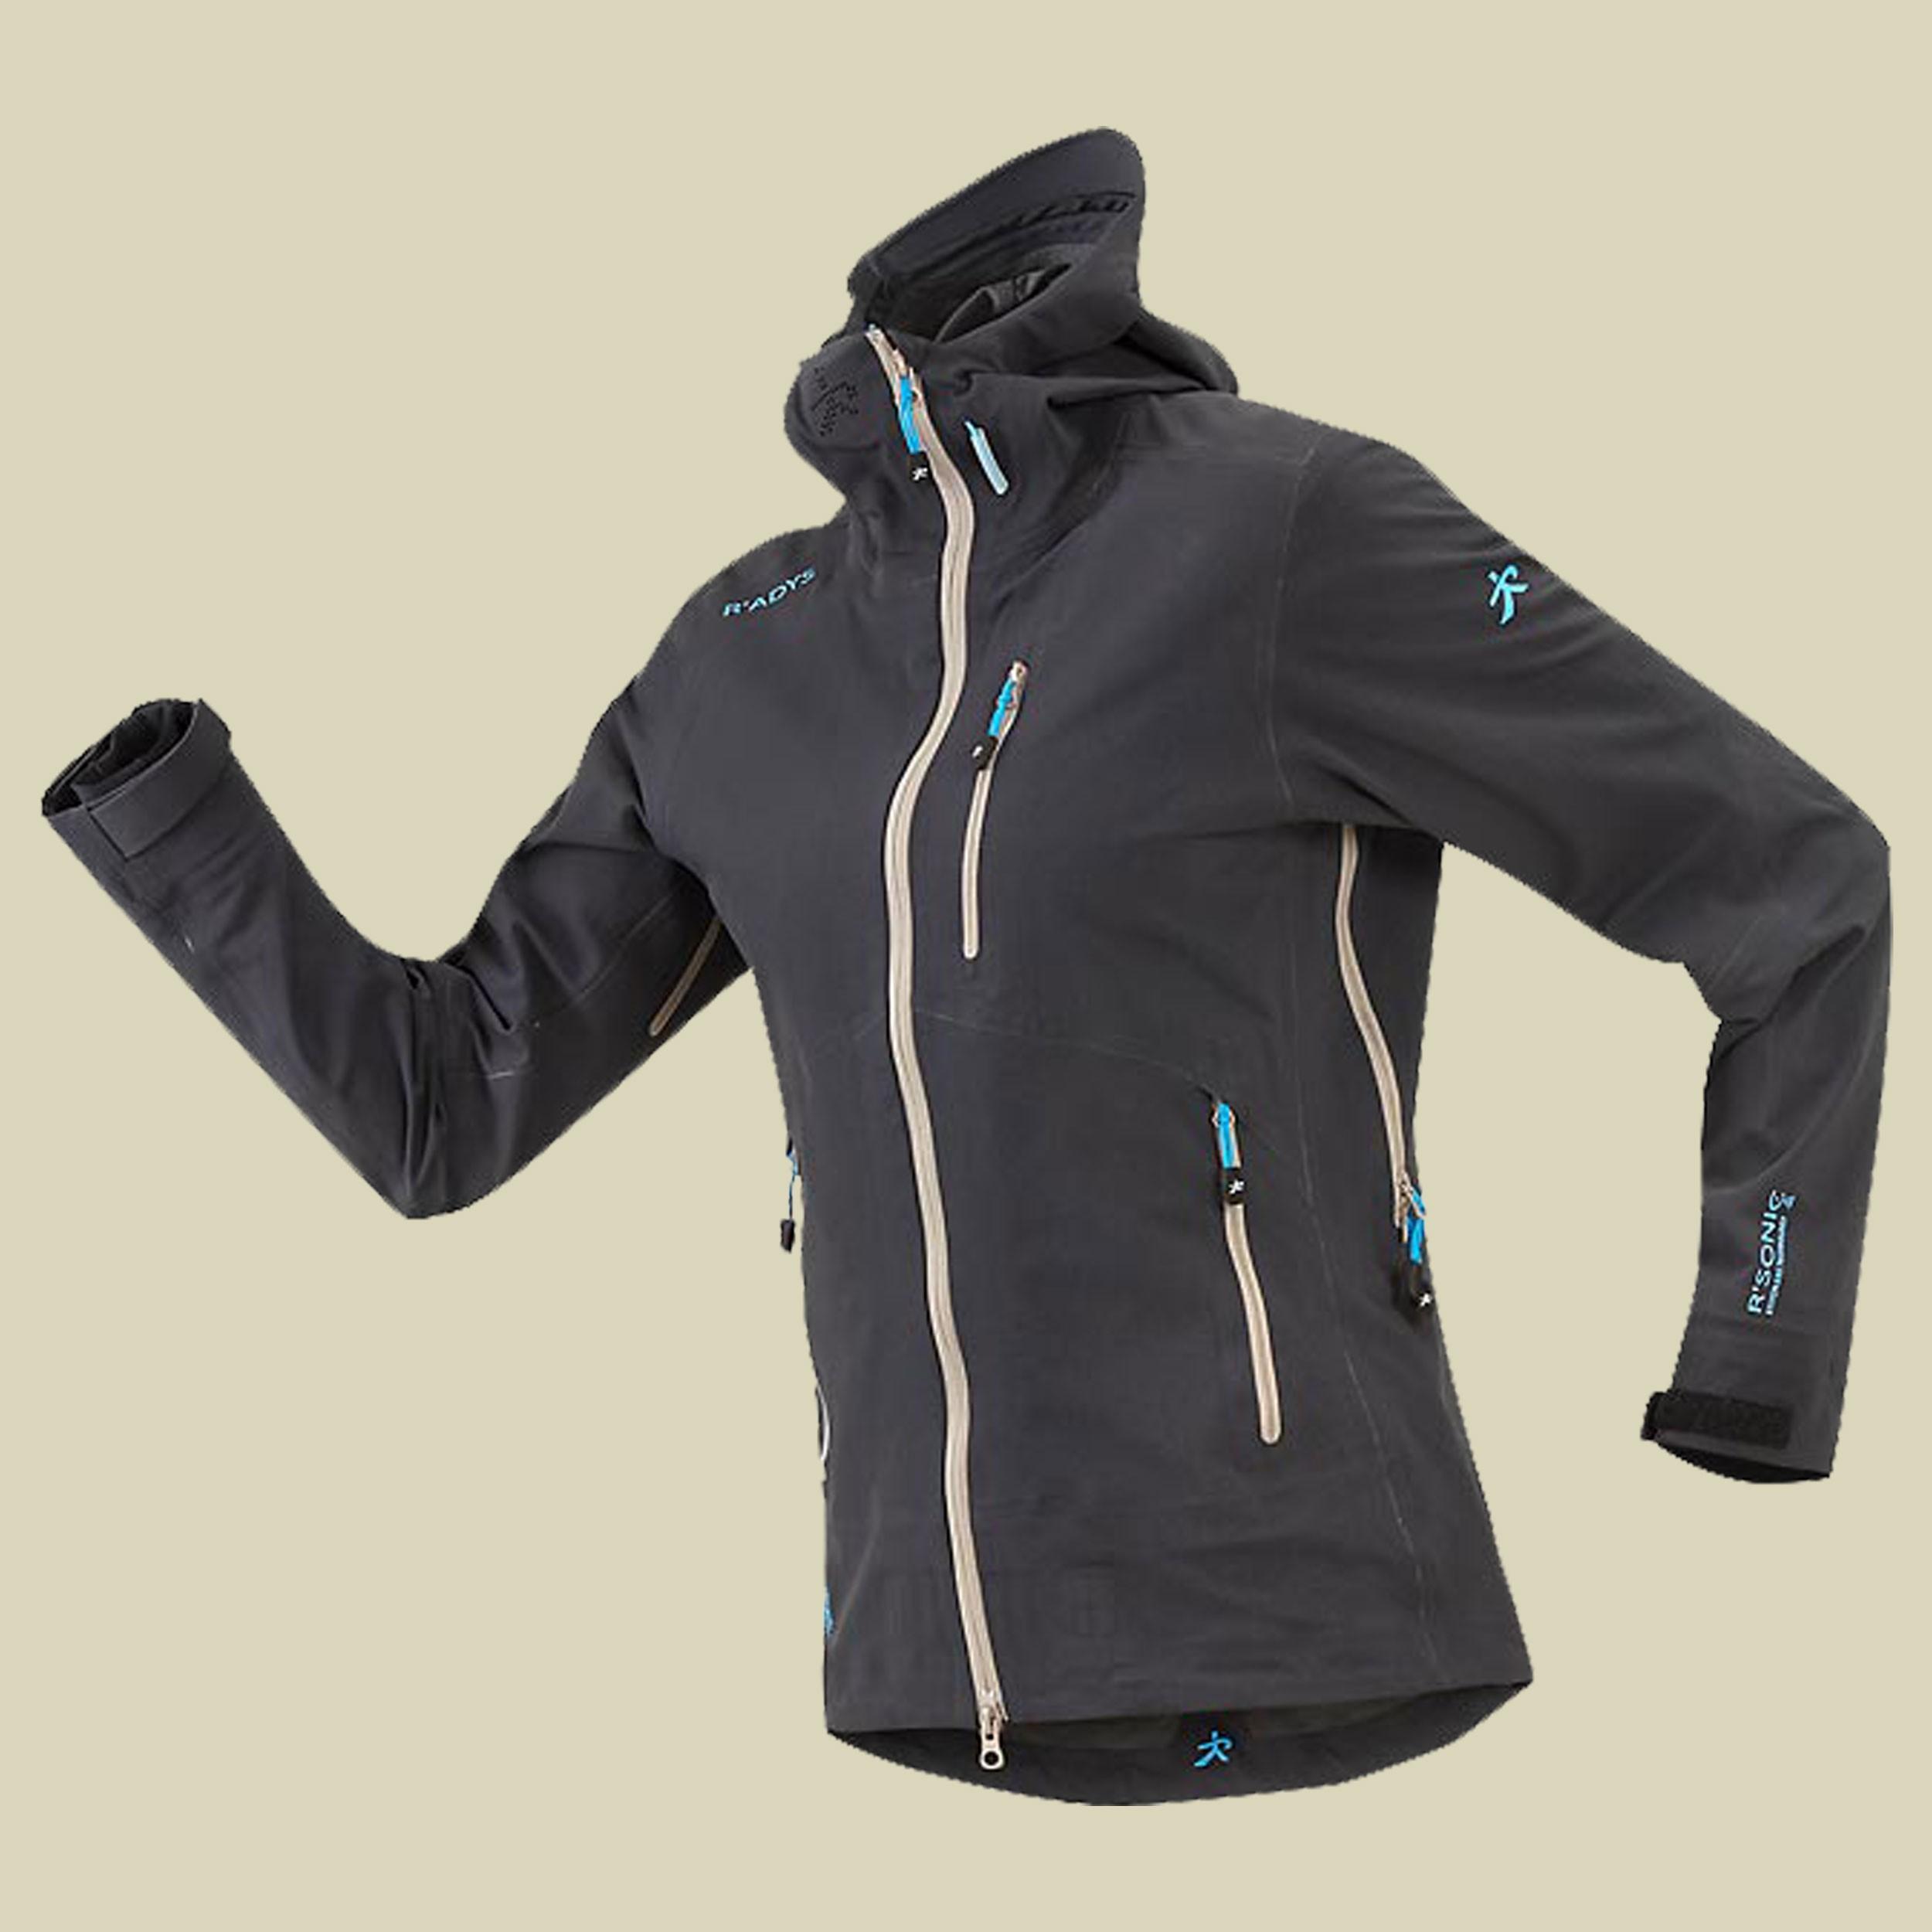 R 3 W Softshell Jacket Women